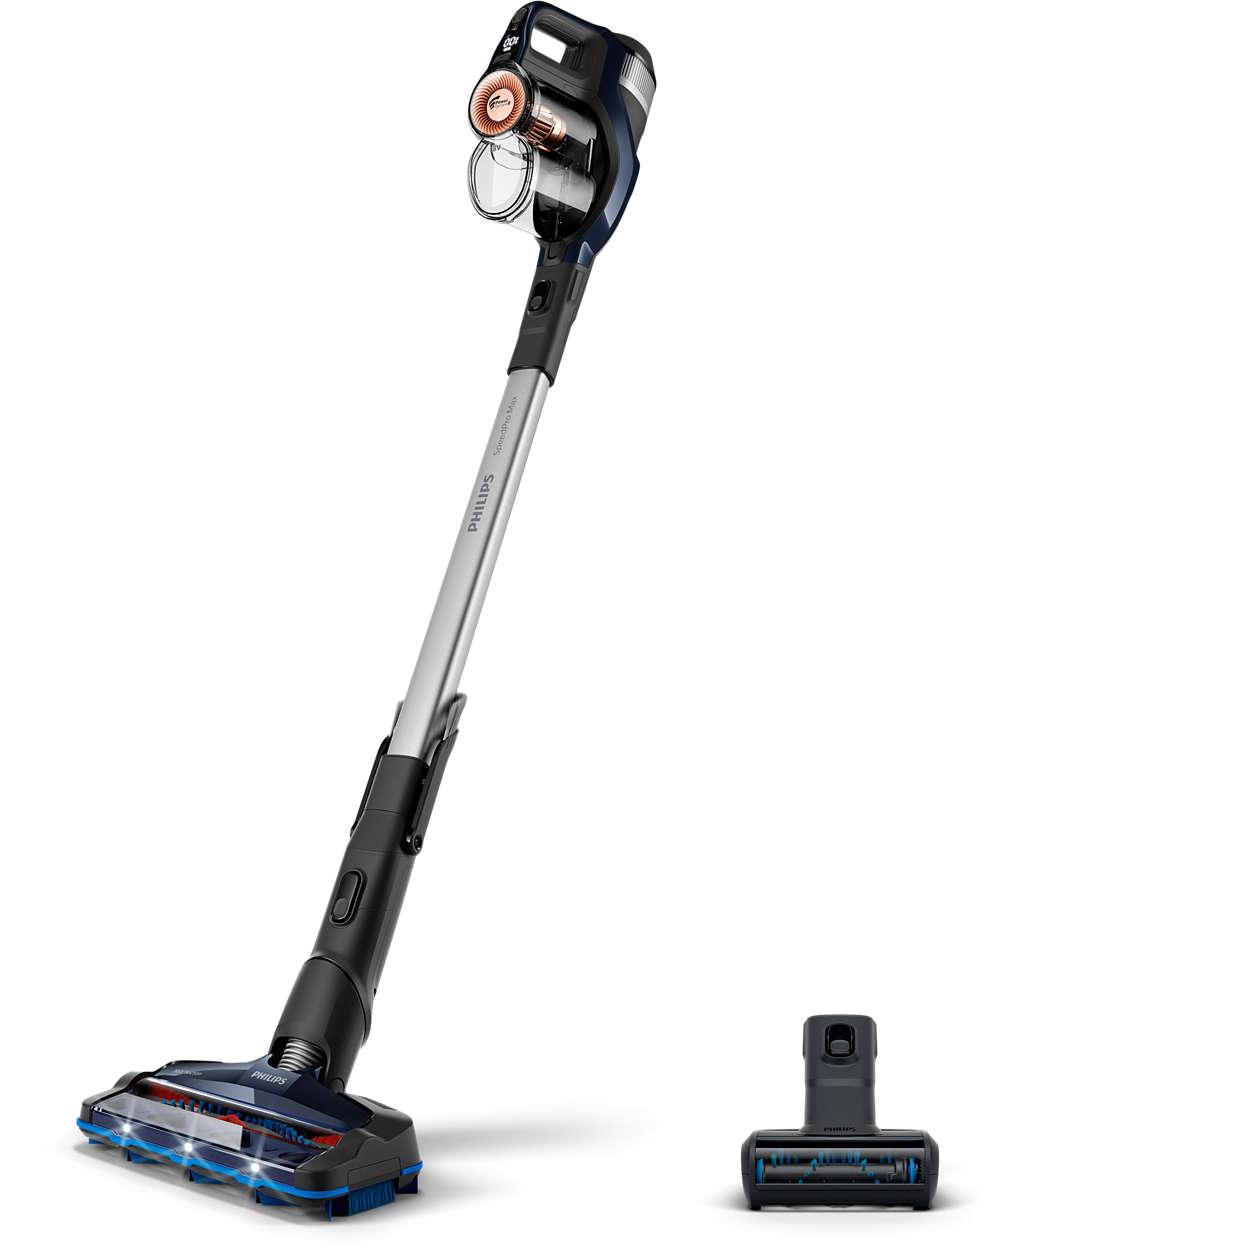 A experiência de limpeza sem cabo mais rápida*